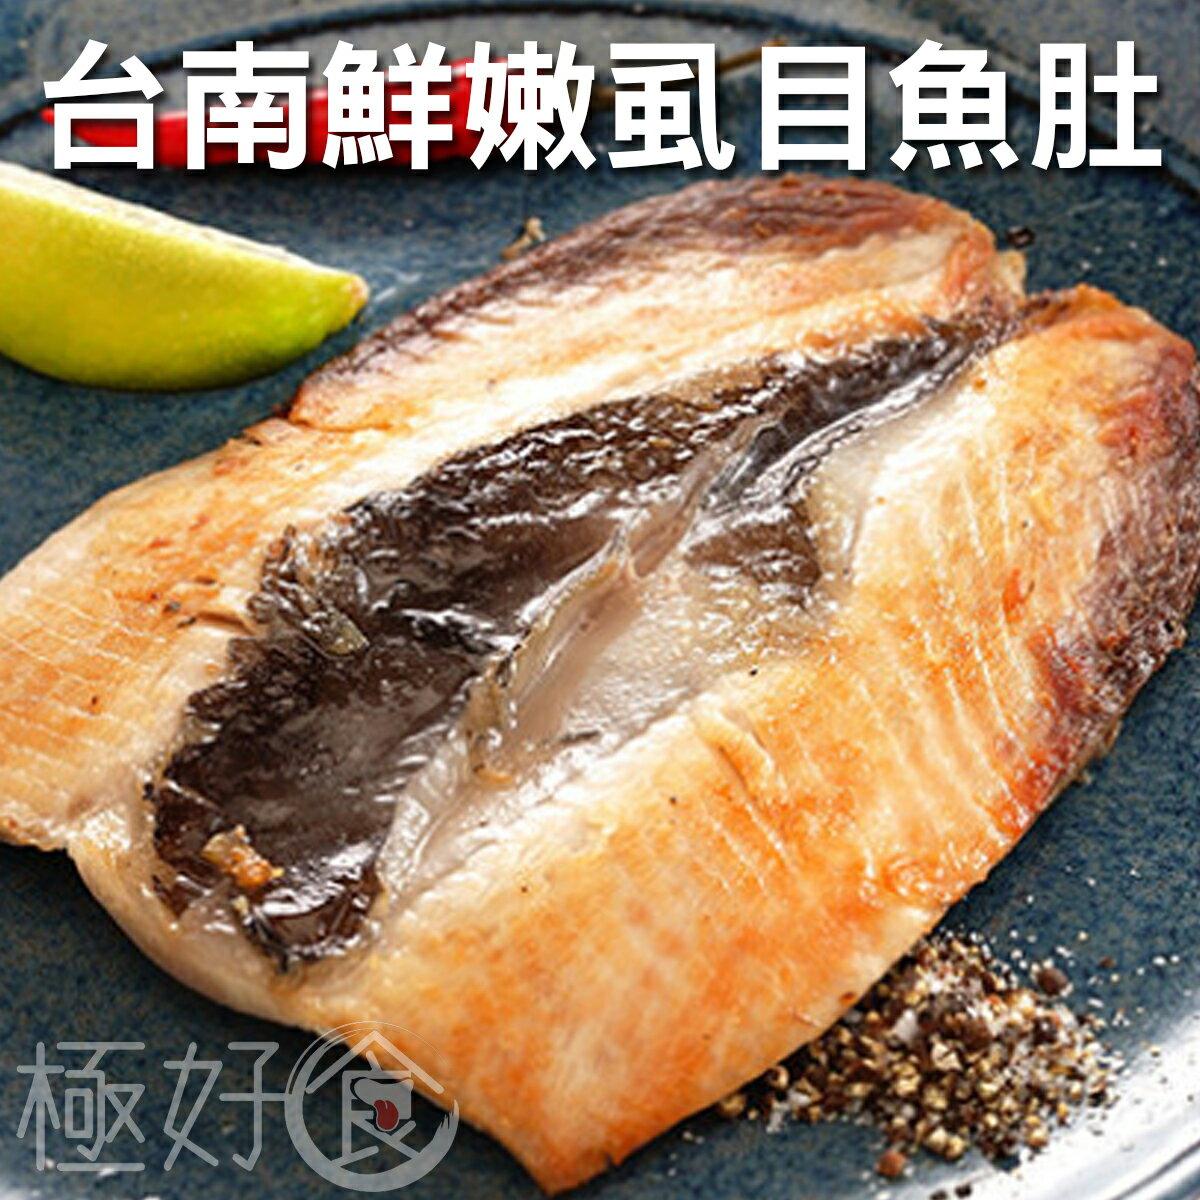 【免運】極好食❄露營夯!!懶人料理任選4樣原價788↘↘只要$499免運!! 9